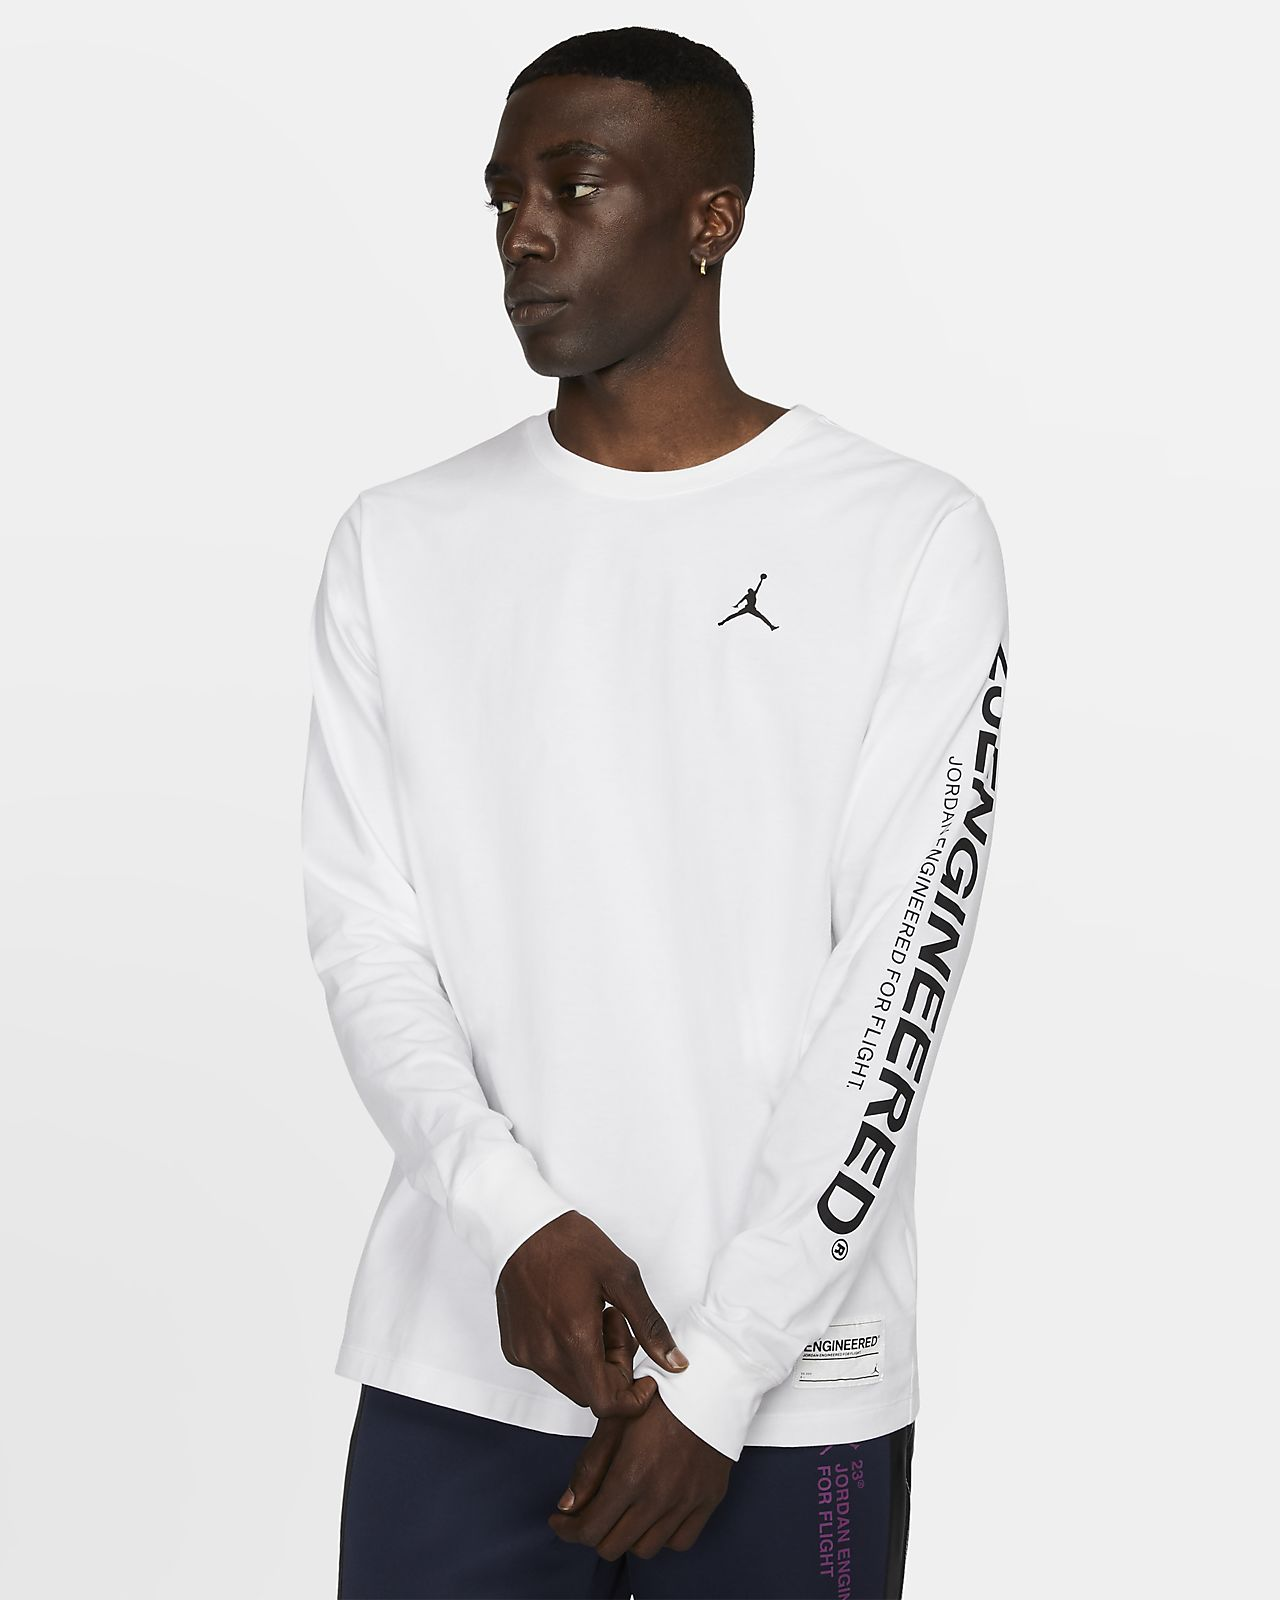 978acf5b9aa Jordan 23 Engineered Men's Long-Sleeve T-Shirt. Nike.com